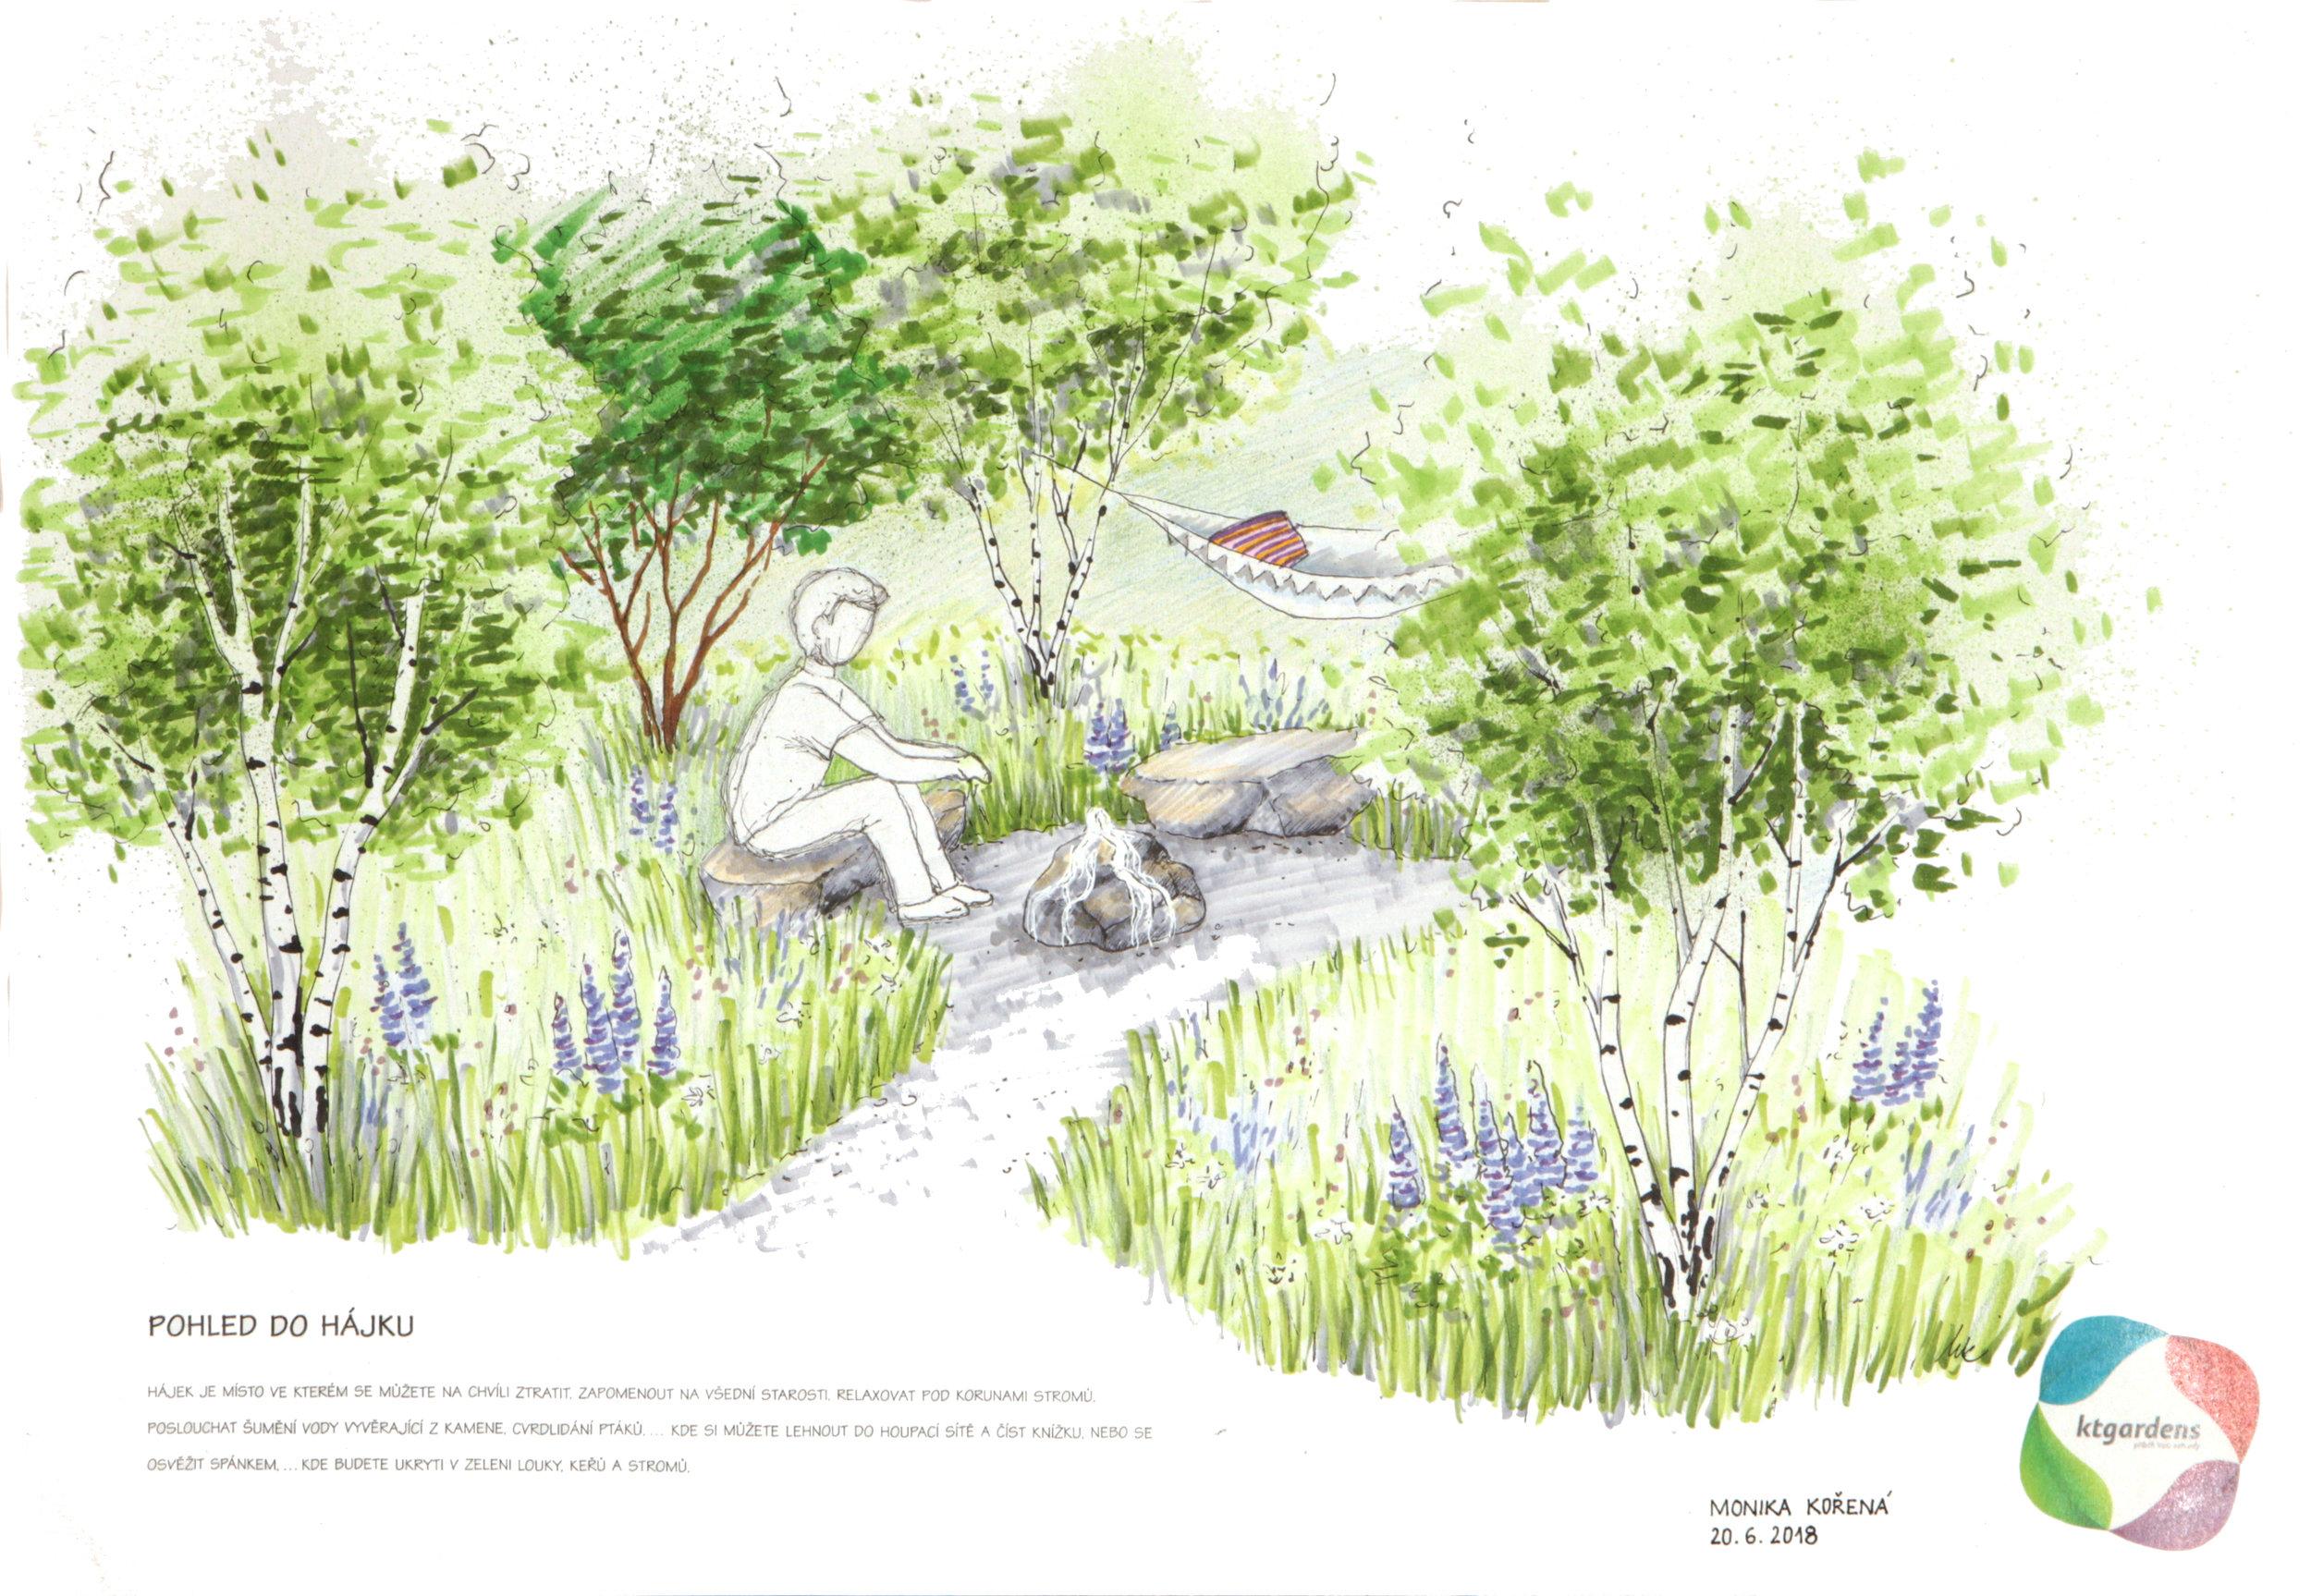 Návrh zahrady v Oldřichovicích, moderní venkovská zahrada, přírodní zahrada, rodinná zahrada, lesík, voda, KTgardens